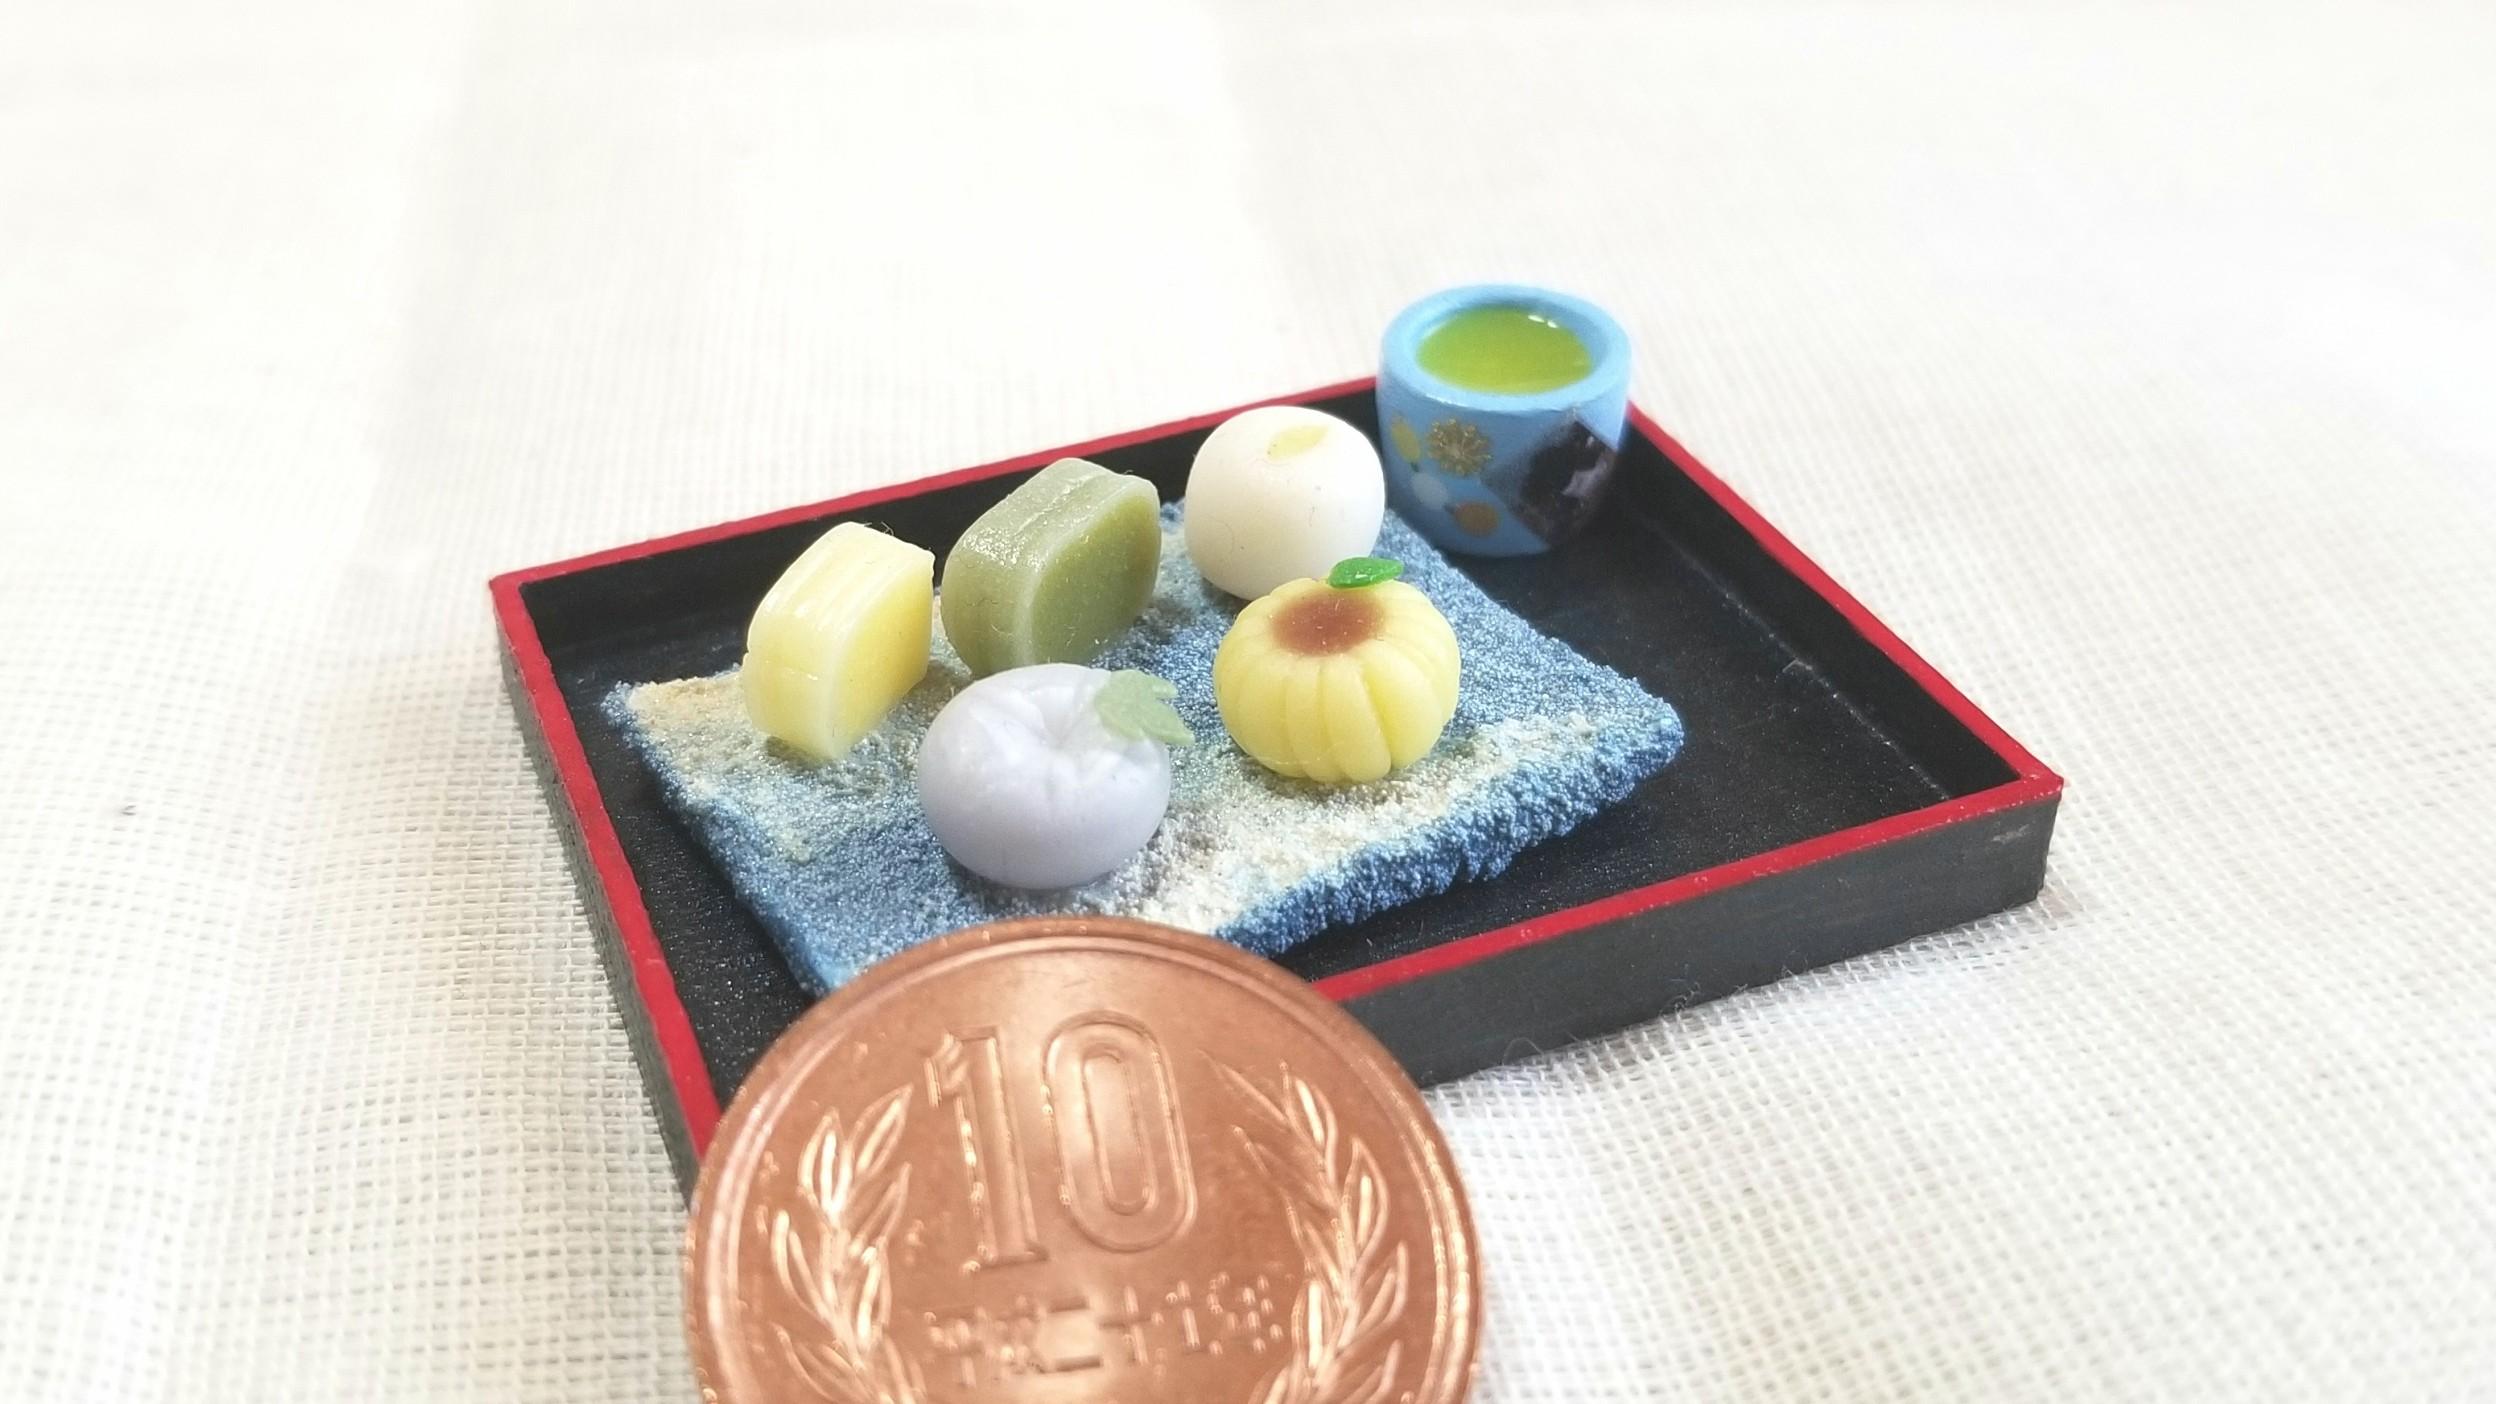 食べたい和菓子,おいしいおすすめ,爽やかなおしゃれ,よもぎブログ